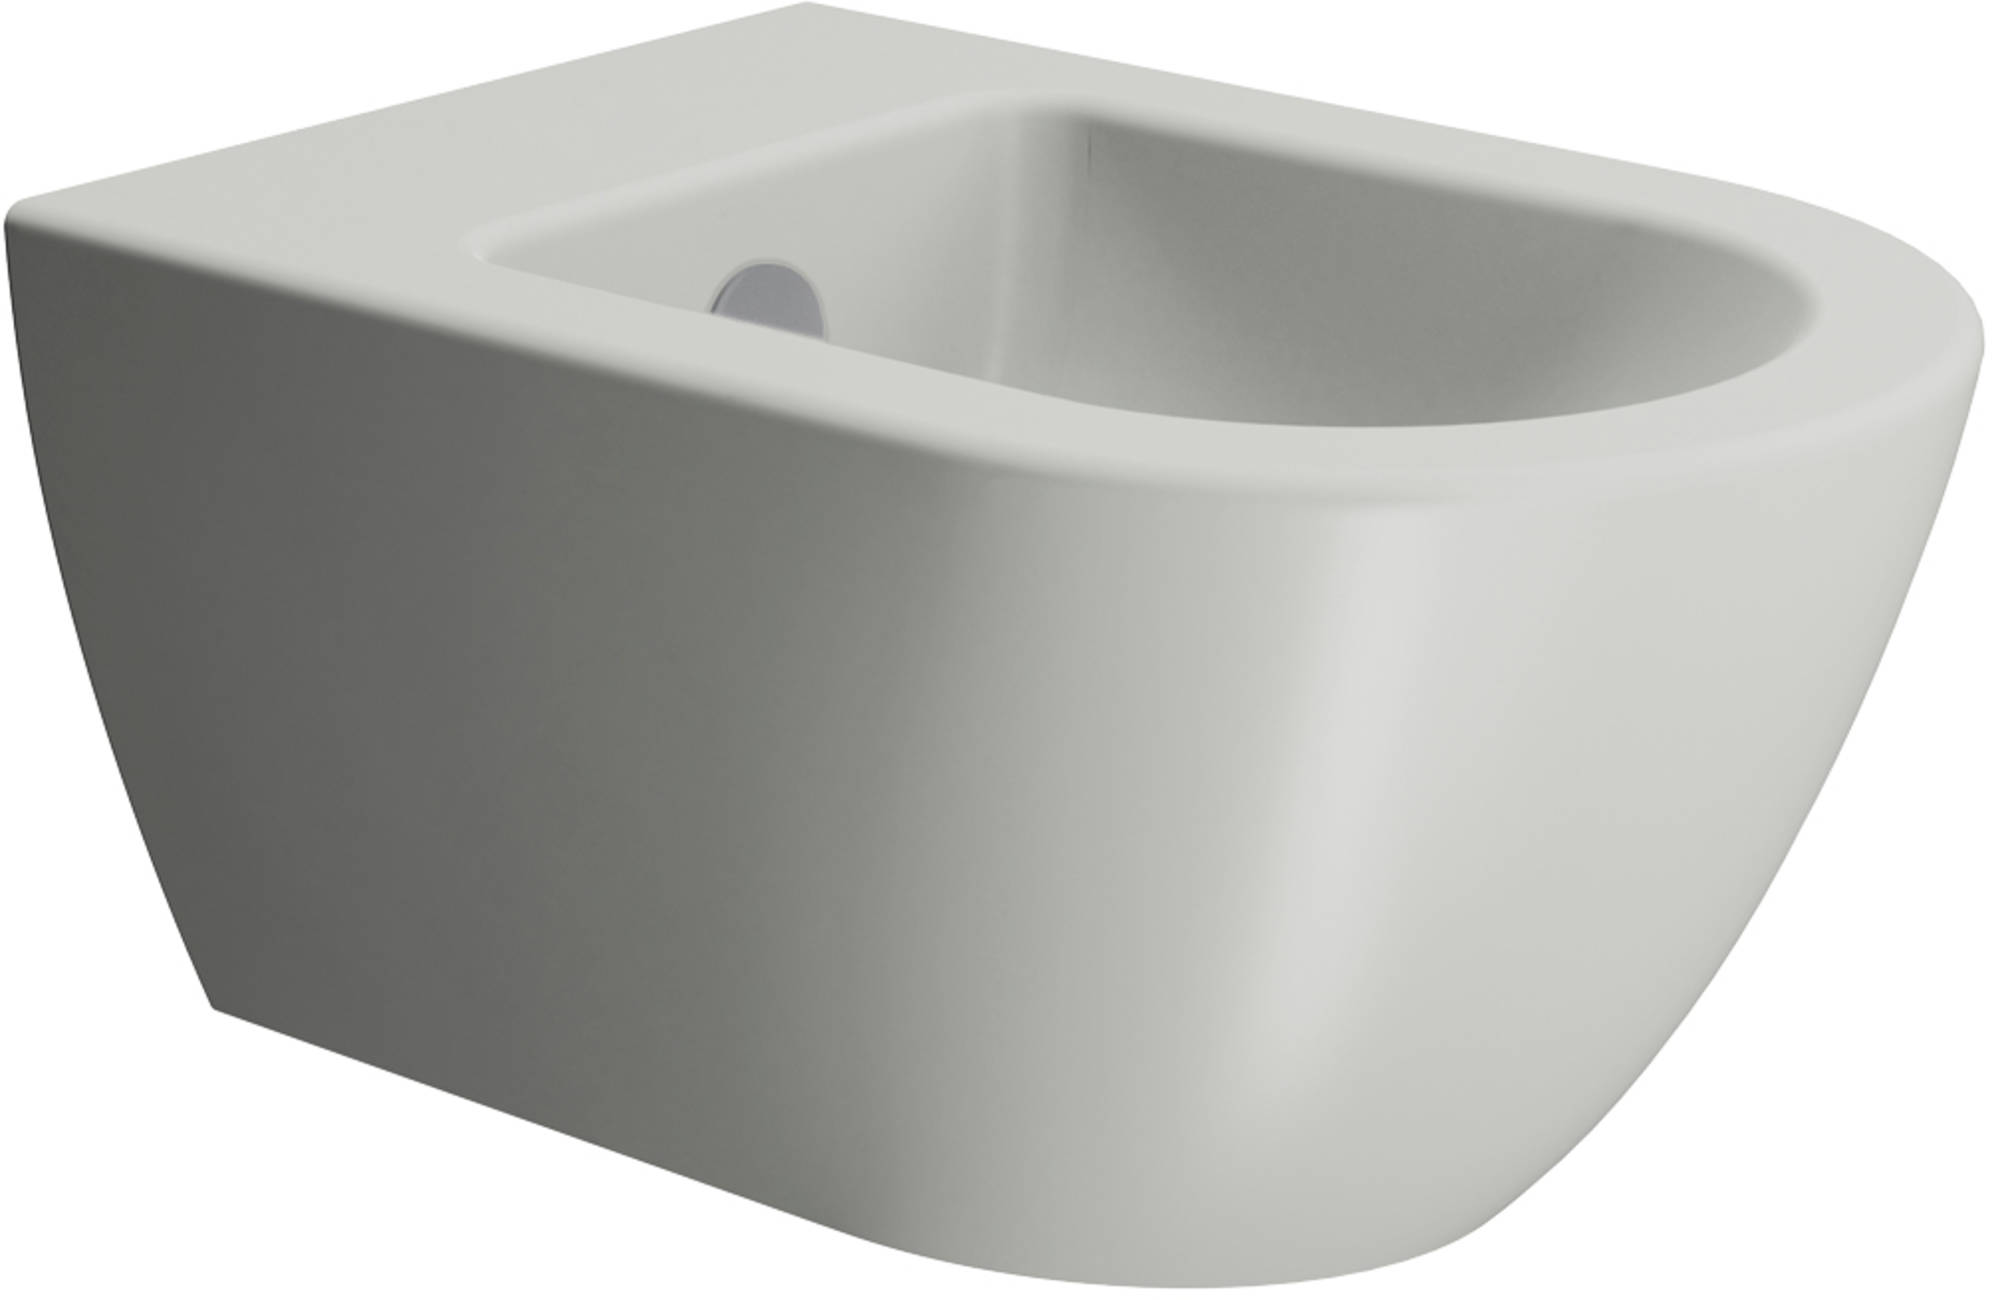 Ben Stelvio Wandbidet 36x55x28 cm Cement Grijs